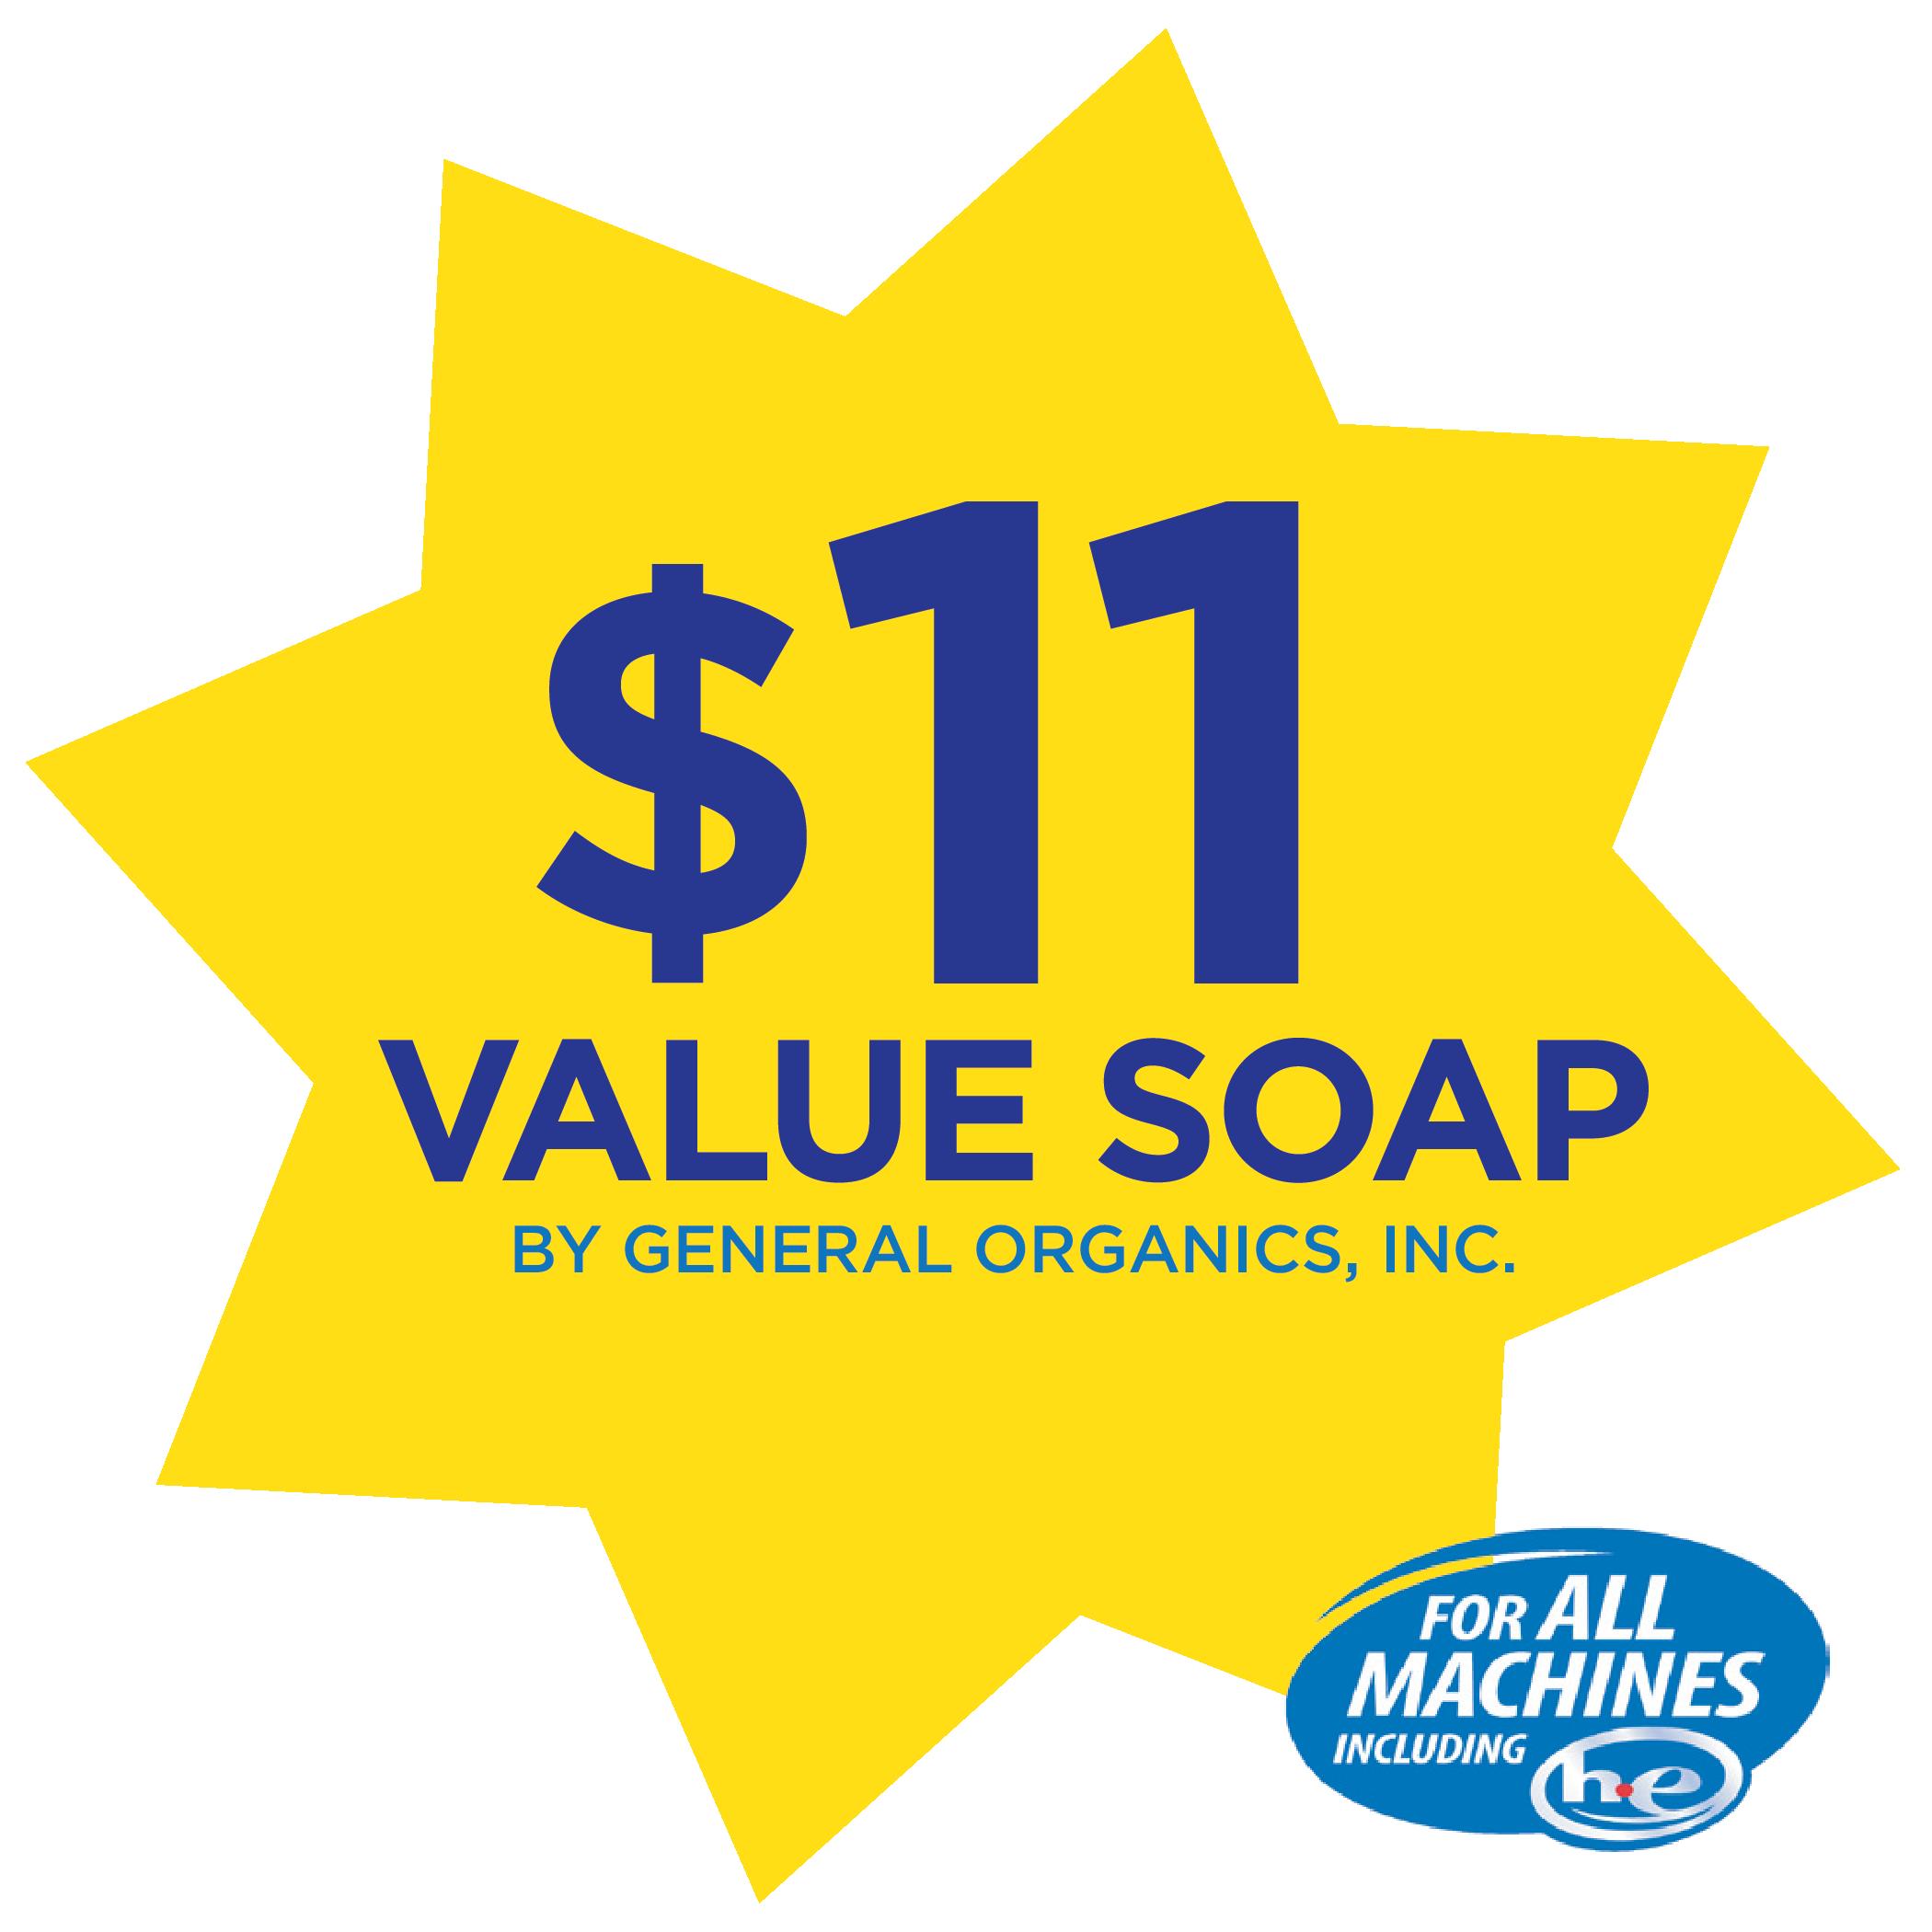 General_Organics_Value-Soap